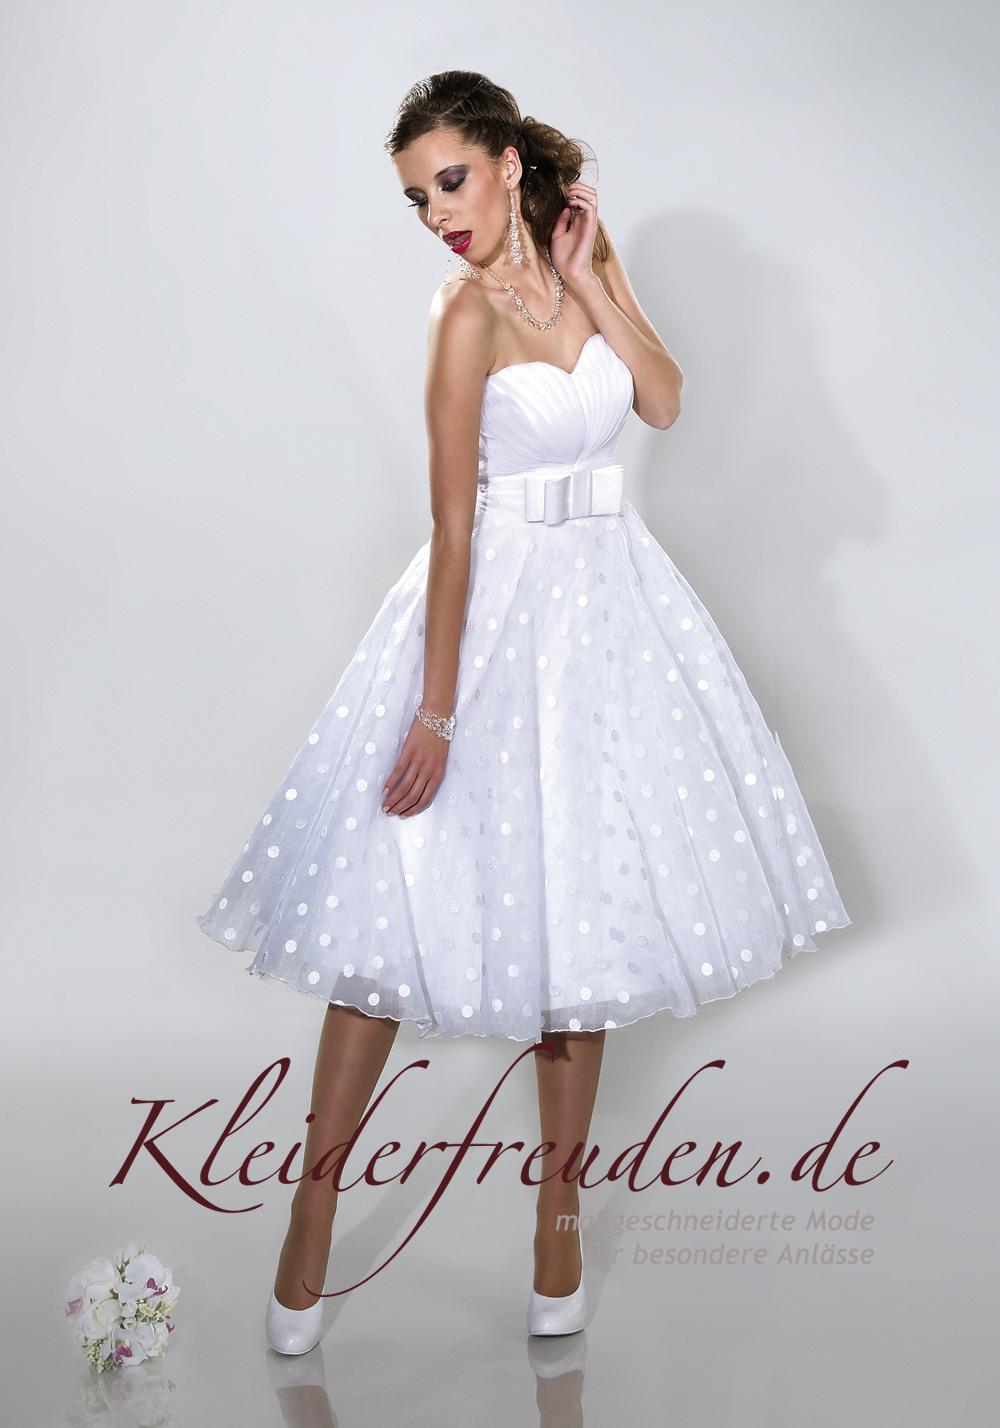 Rockabilly Brautkleid Mit Punkten Und Petticoat - Kleiderfreuden